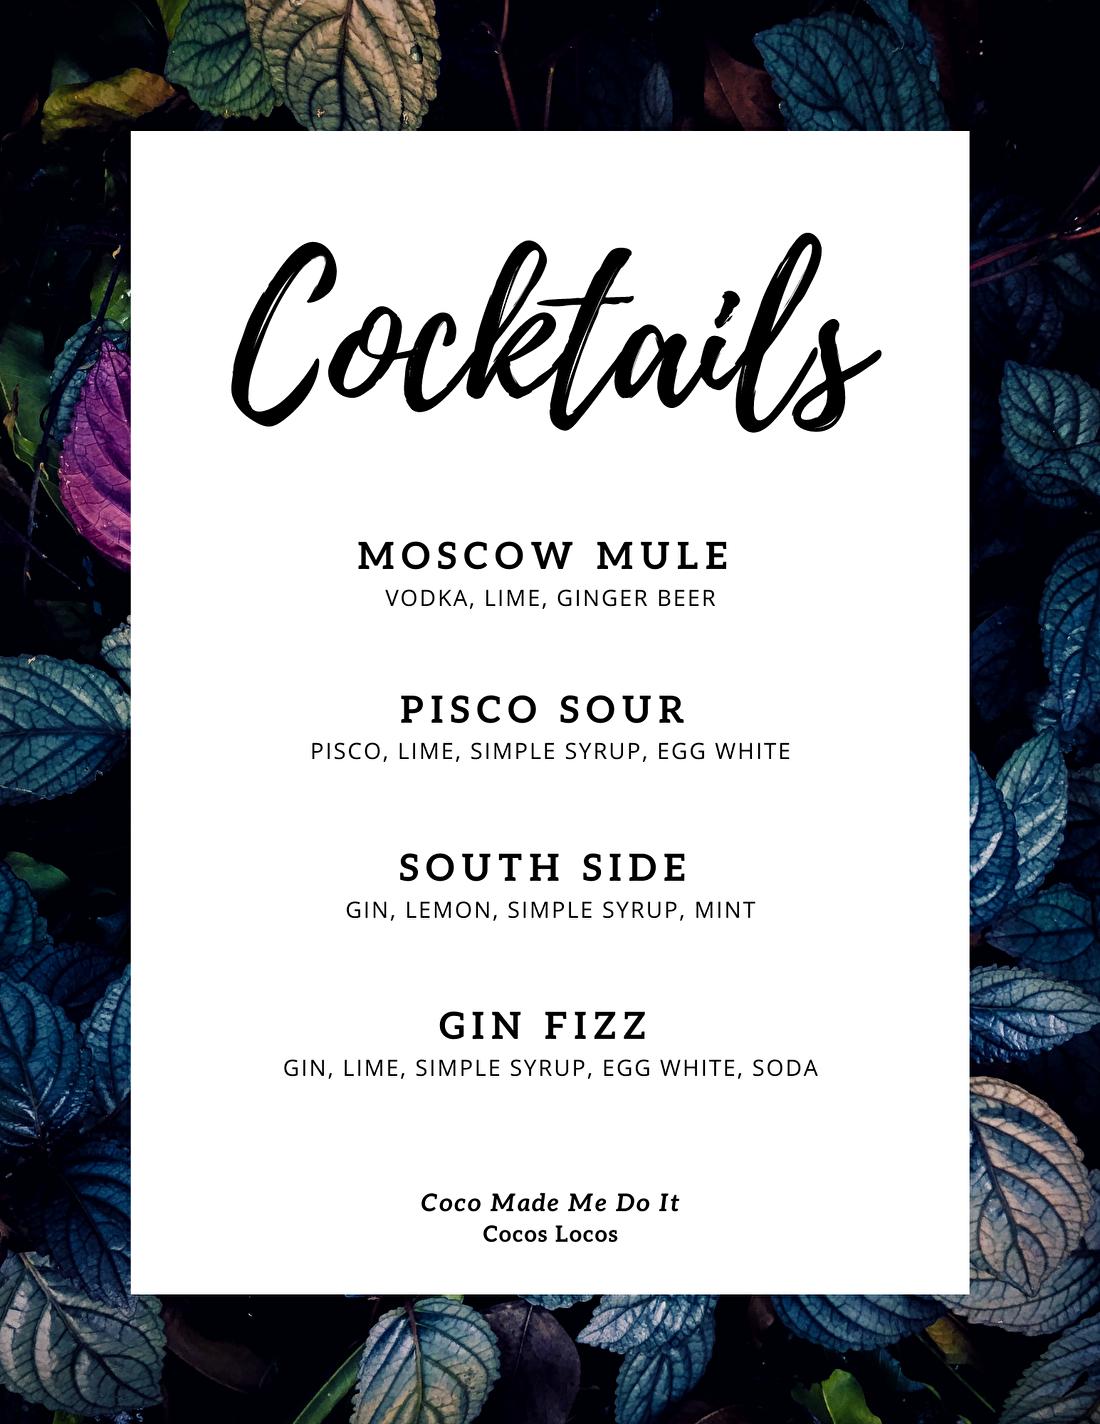 Cocktail menu foodtruck